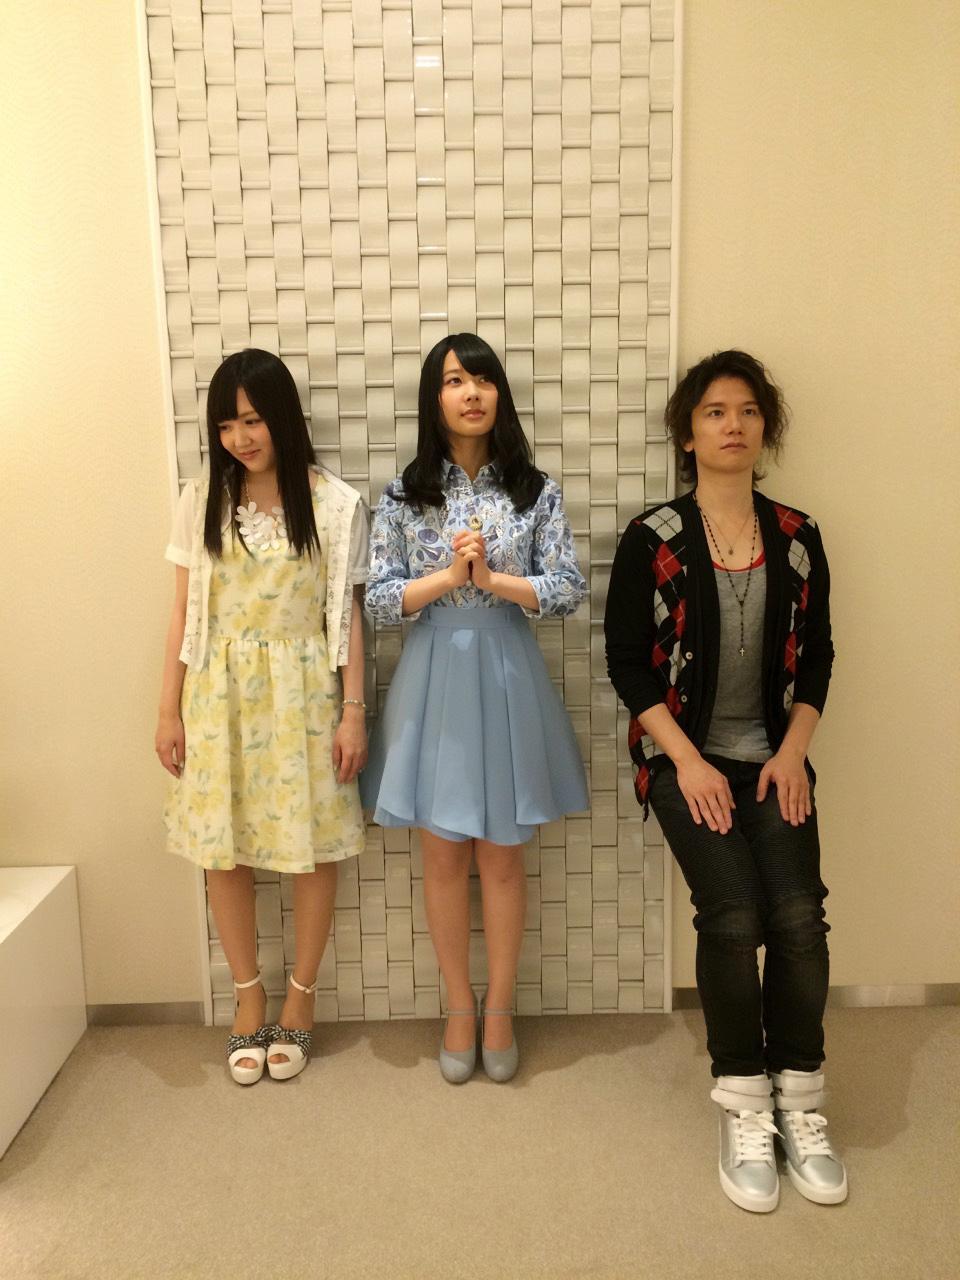 성우 야마오카 유리, 타네다 리사, KENN씨의 사진